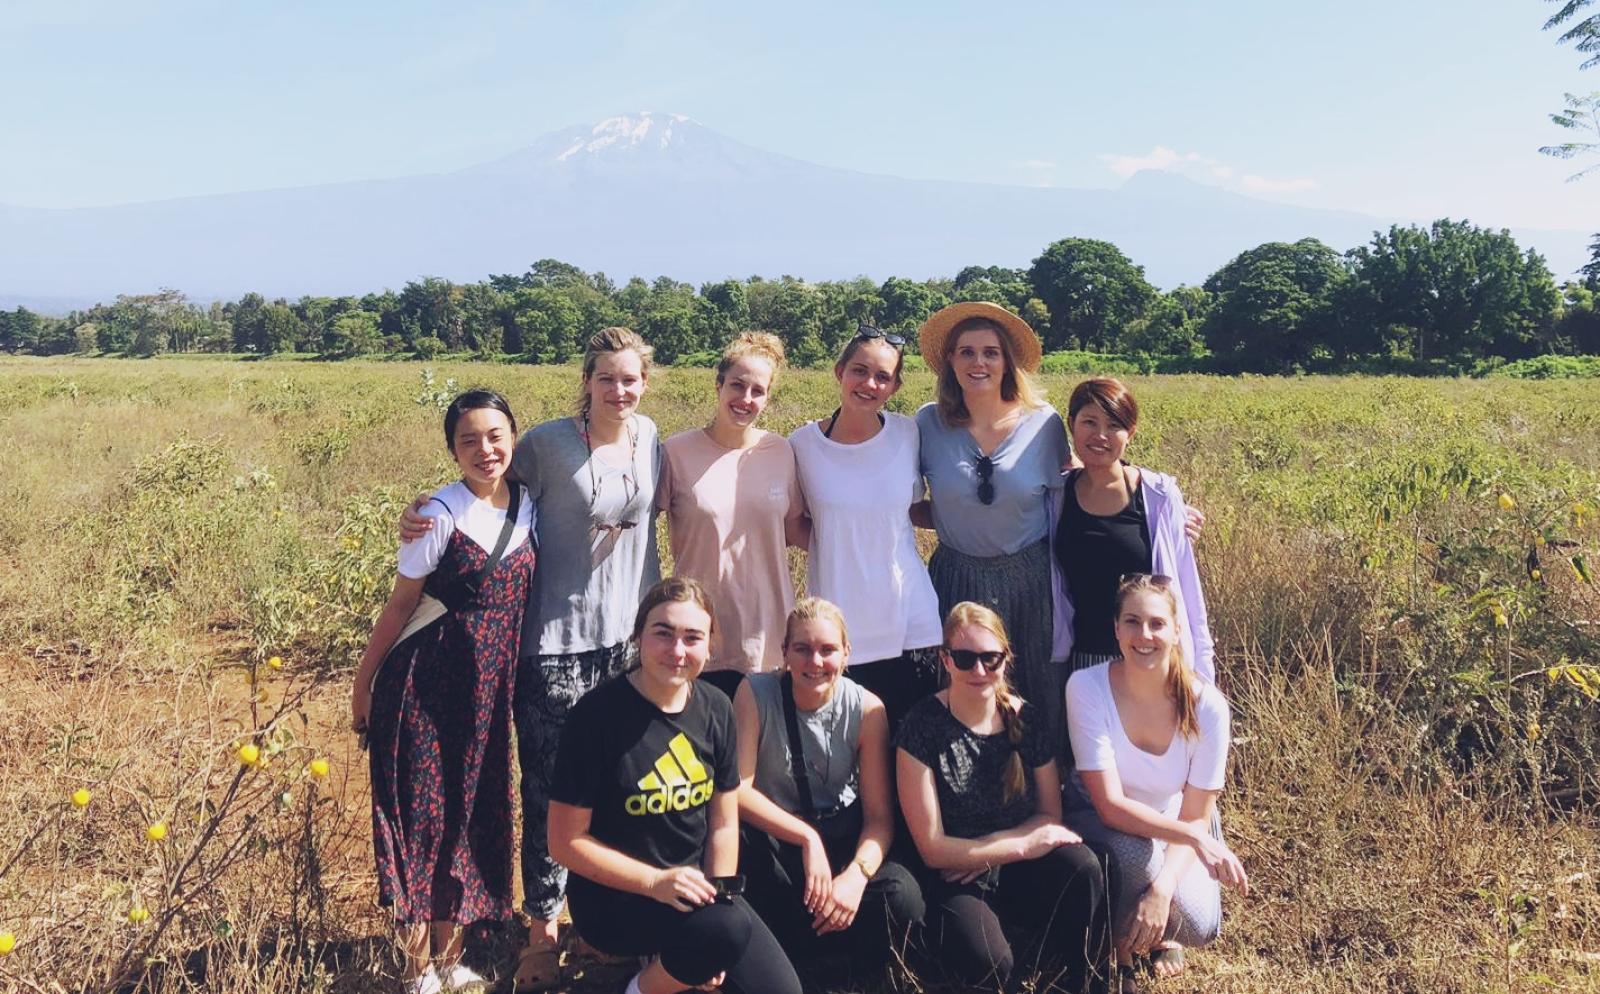 タンザニアで出会った仲間と冒険に出かける教育ボランティア真下晃江さん